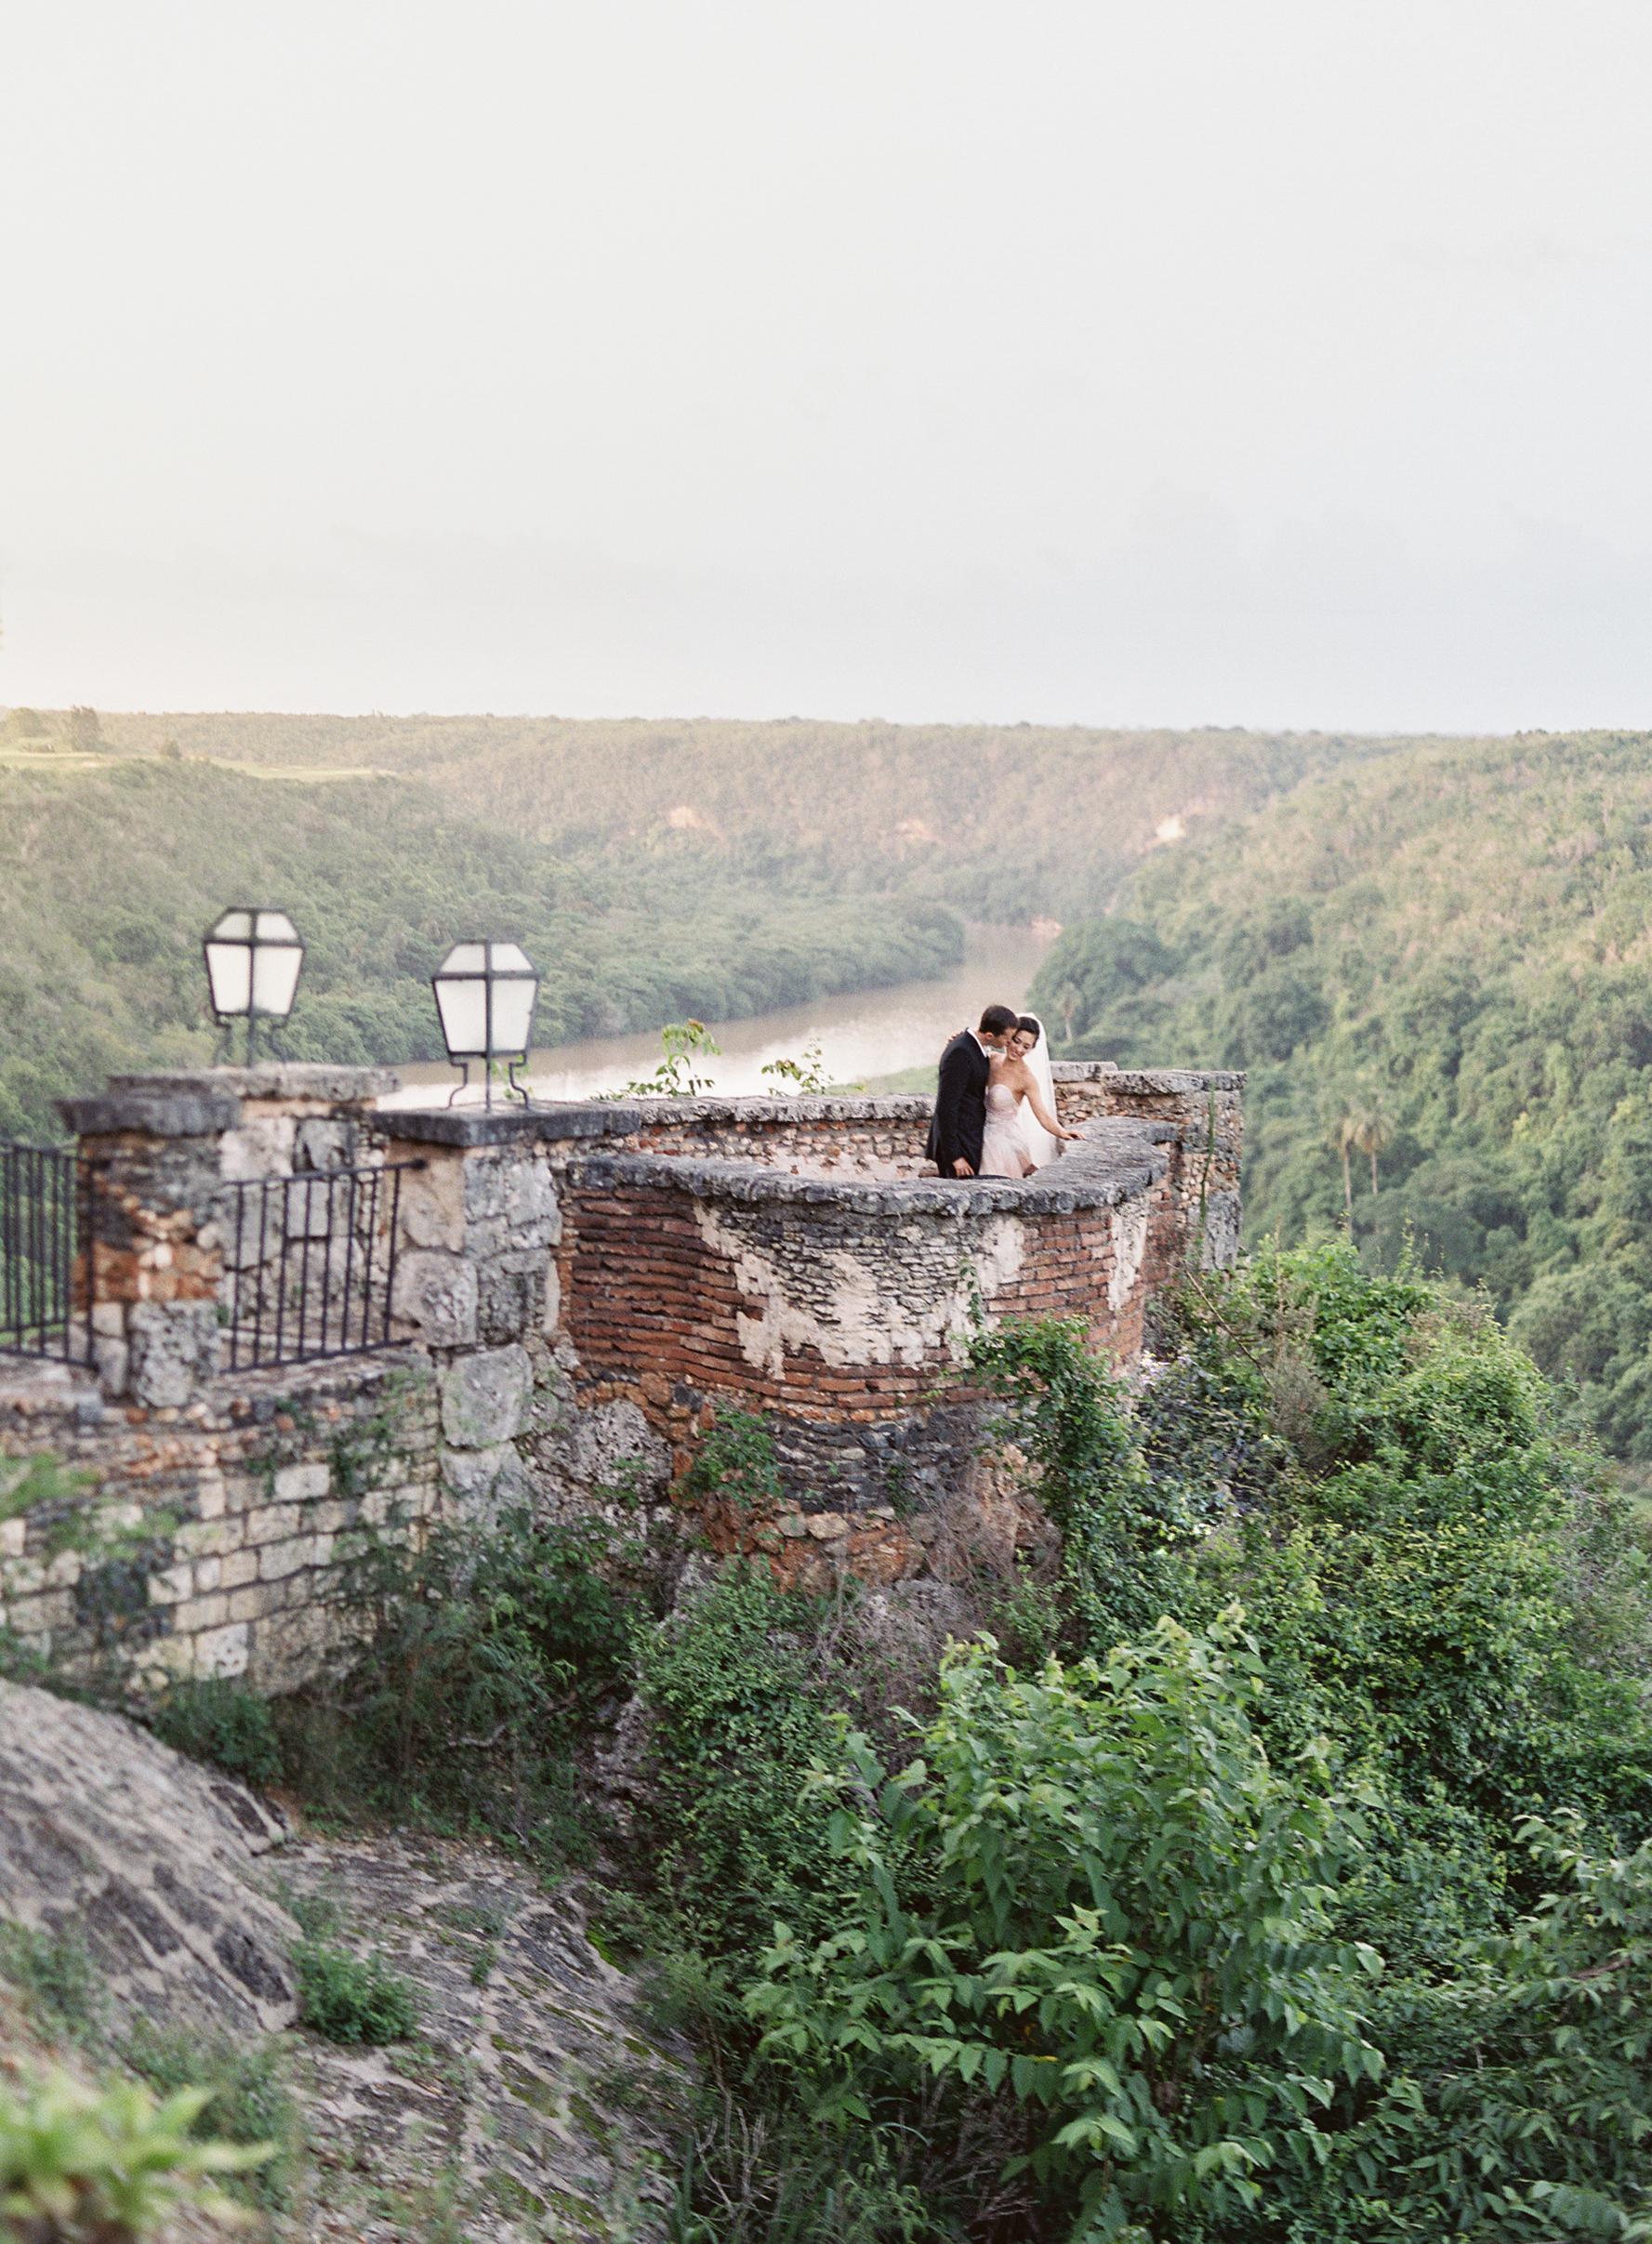 couple standing on balcony